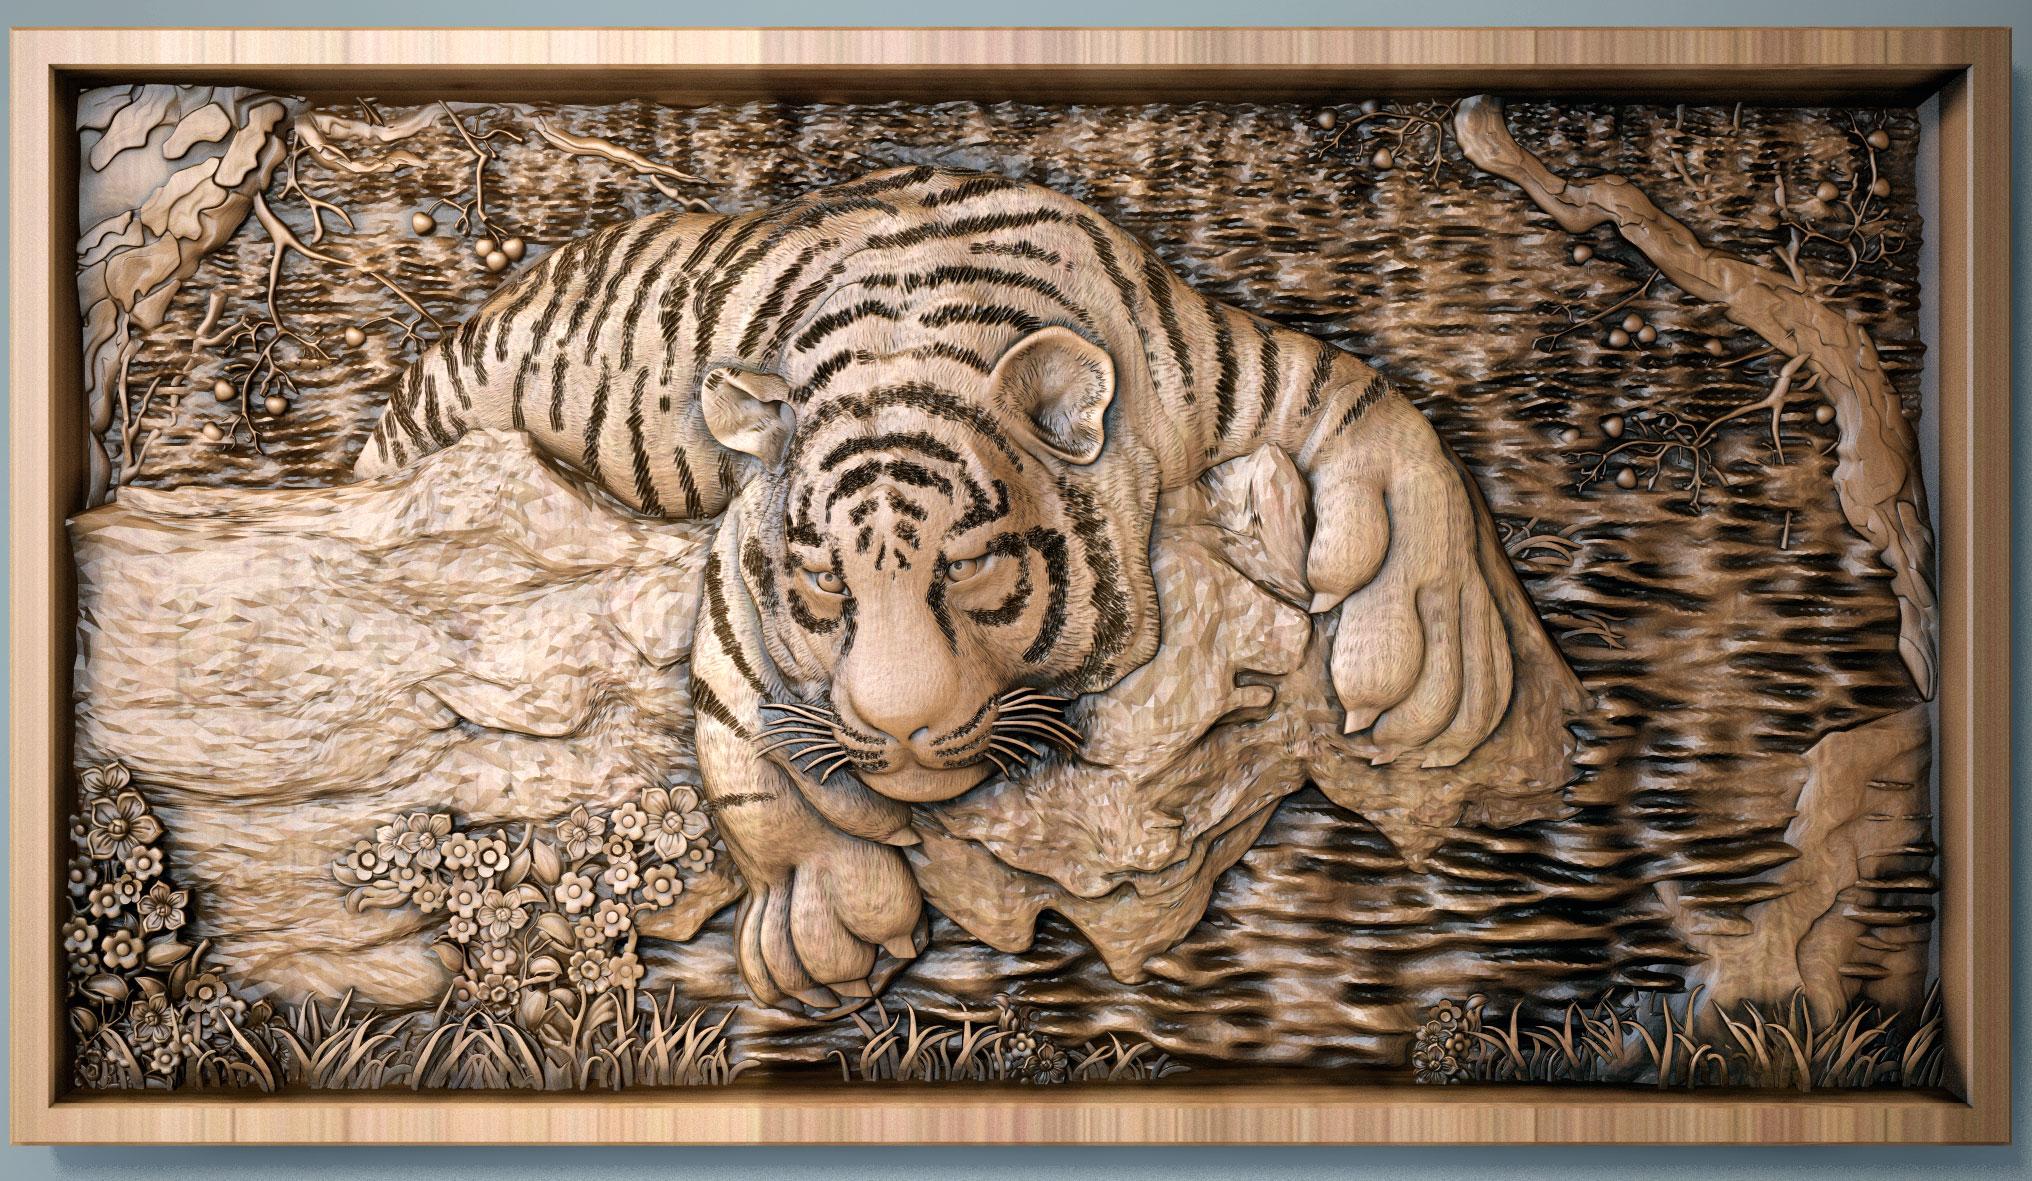 резьба по дереву тигр к реки